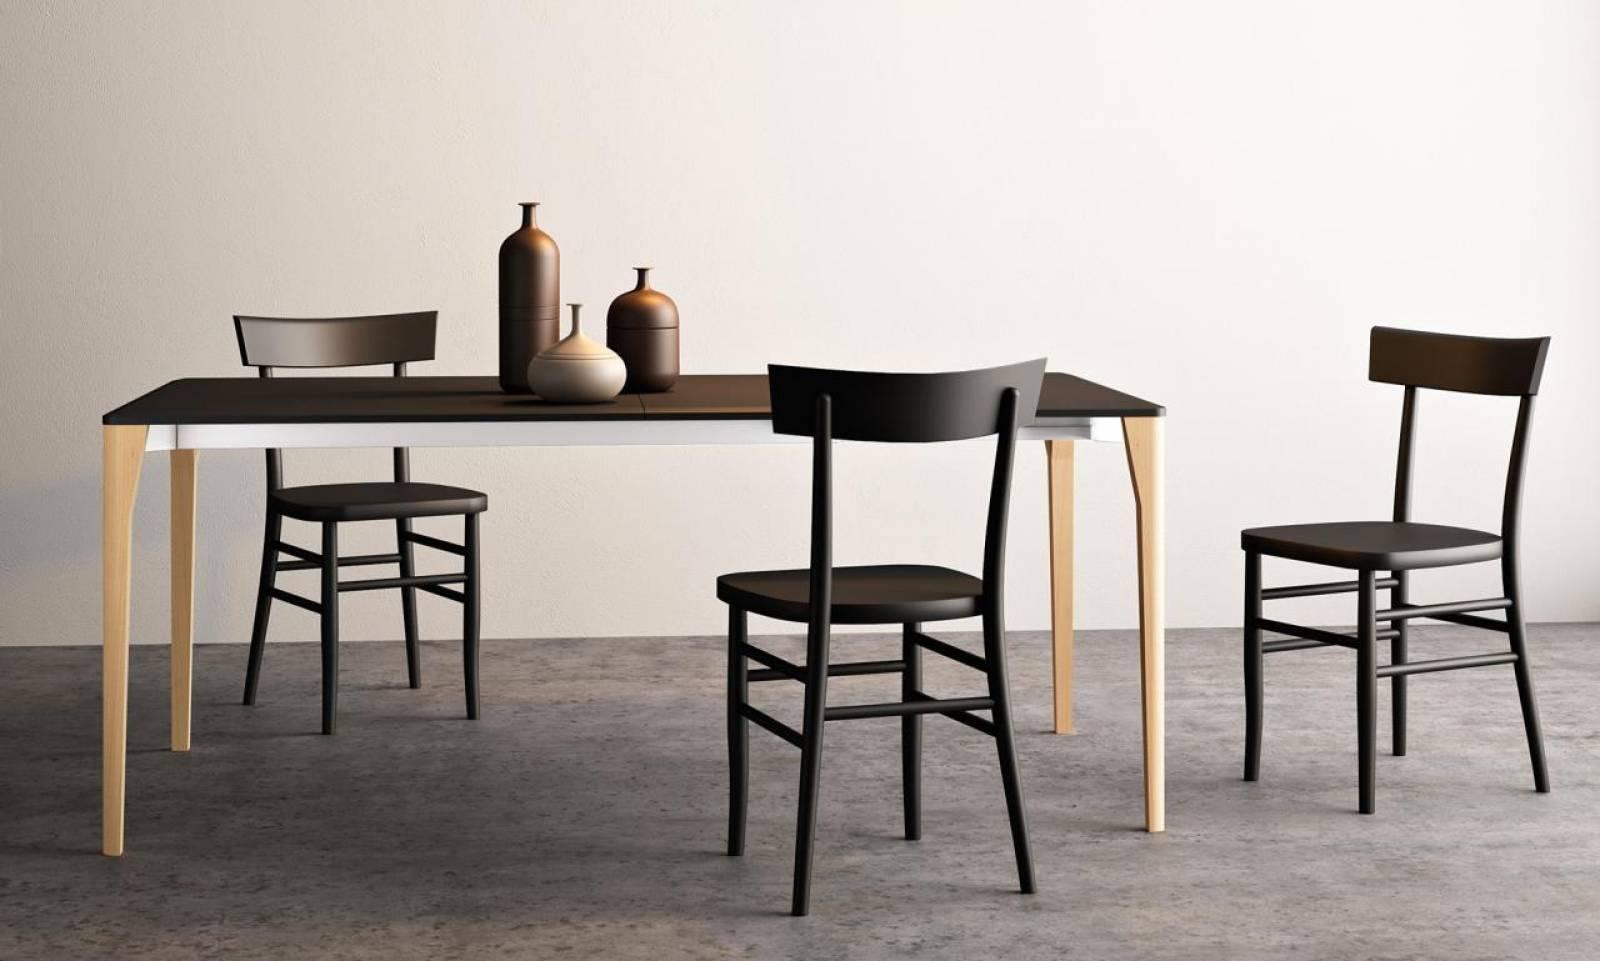 ensemble tables et chaises le design italien bandol vente de cuisines italiennes sur mesure. Black Bedroom Furniture Sets. Home Design Ideas